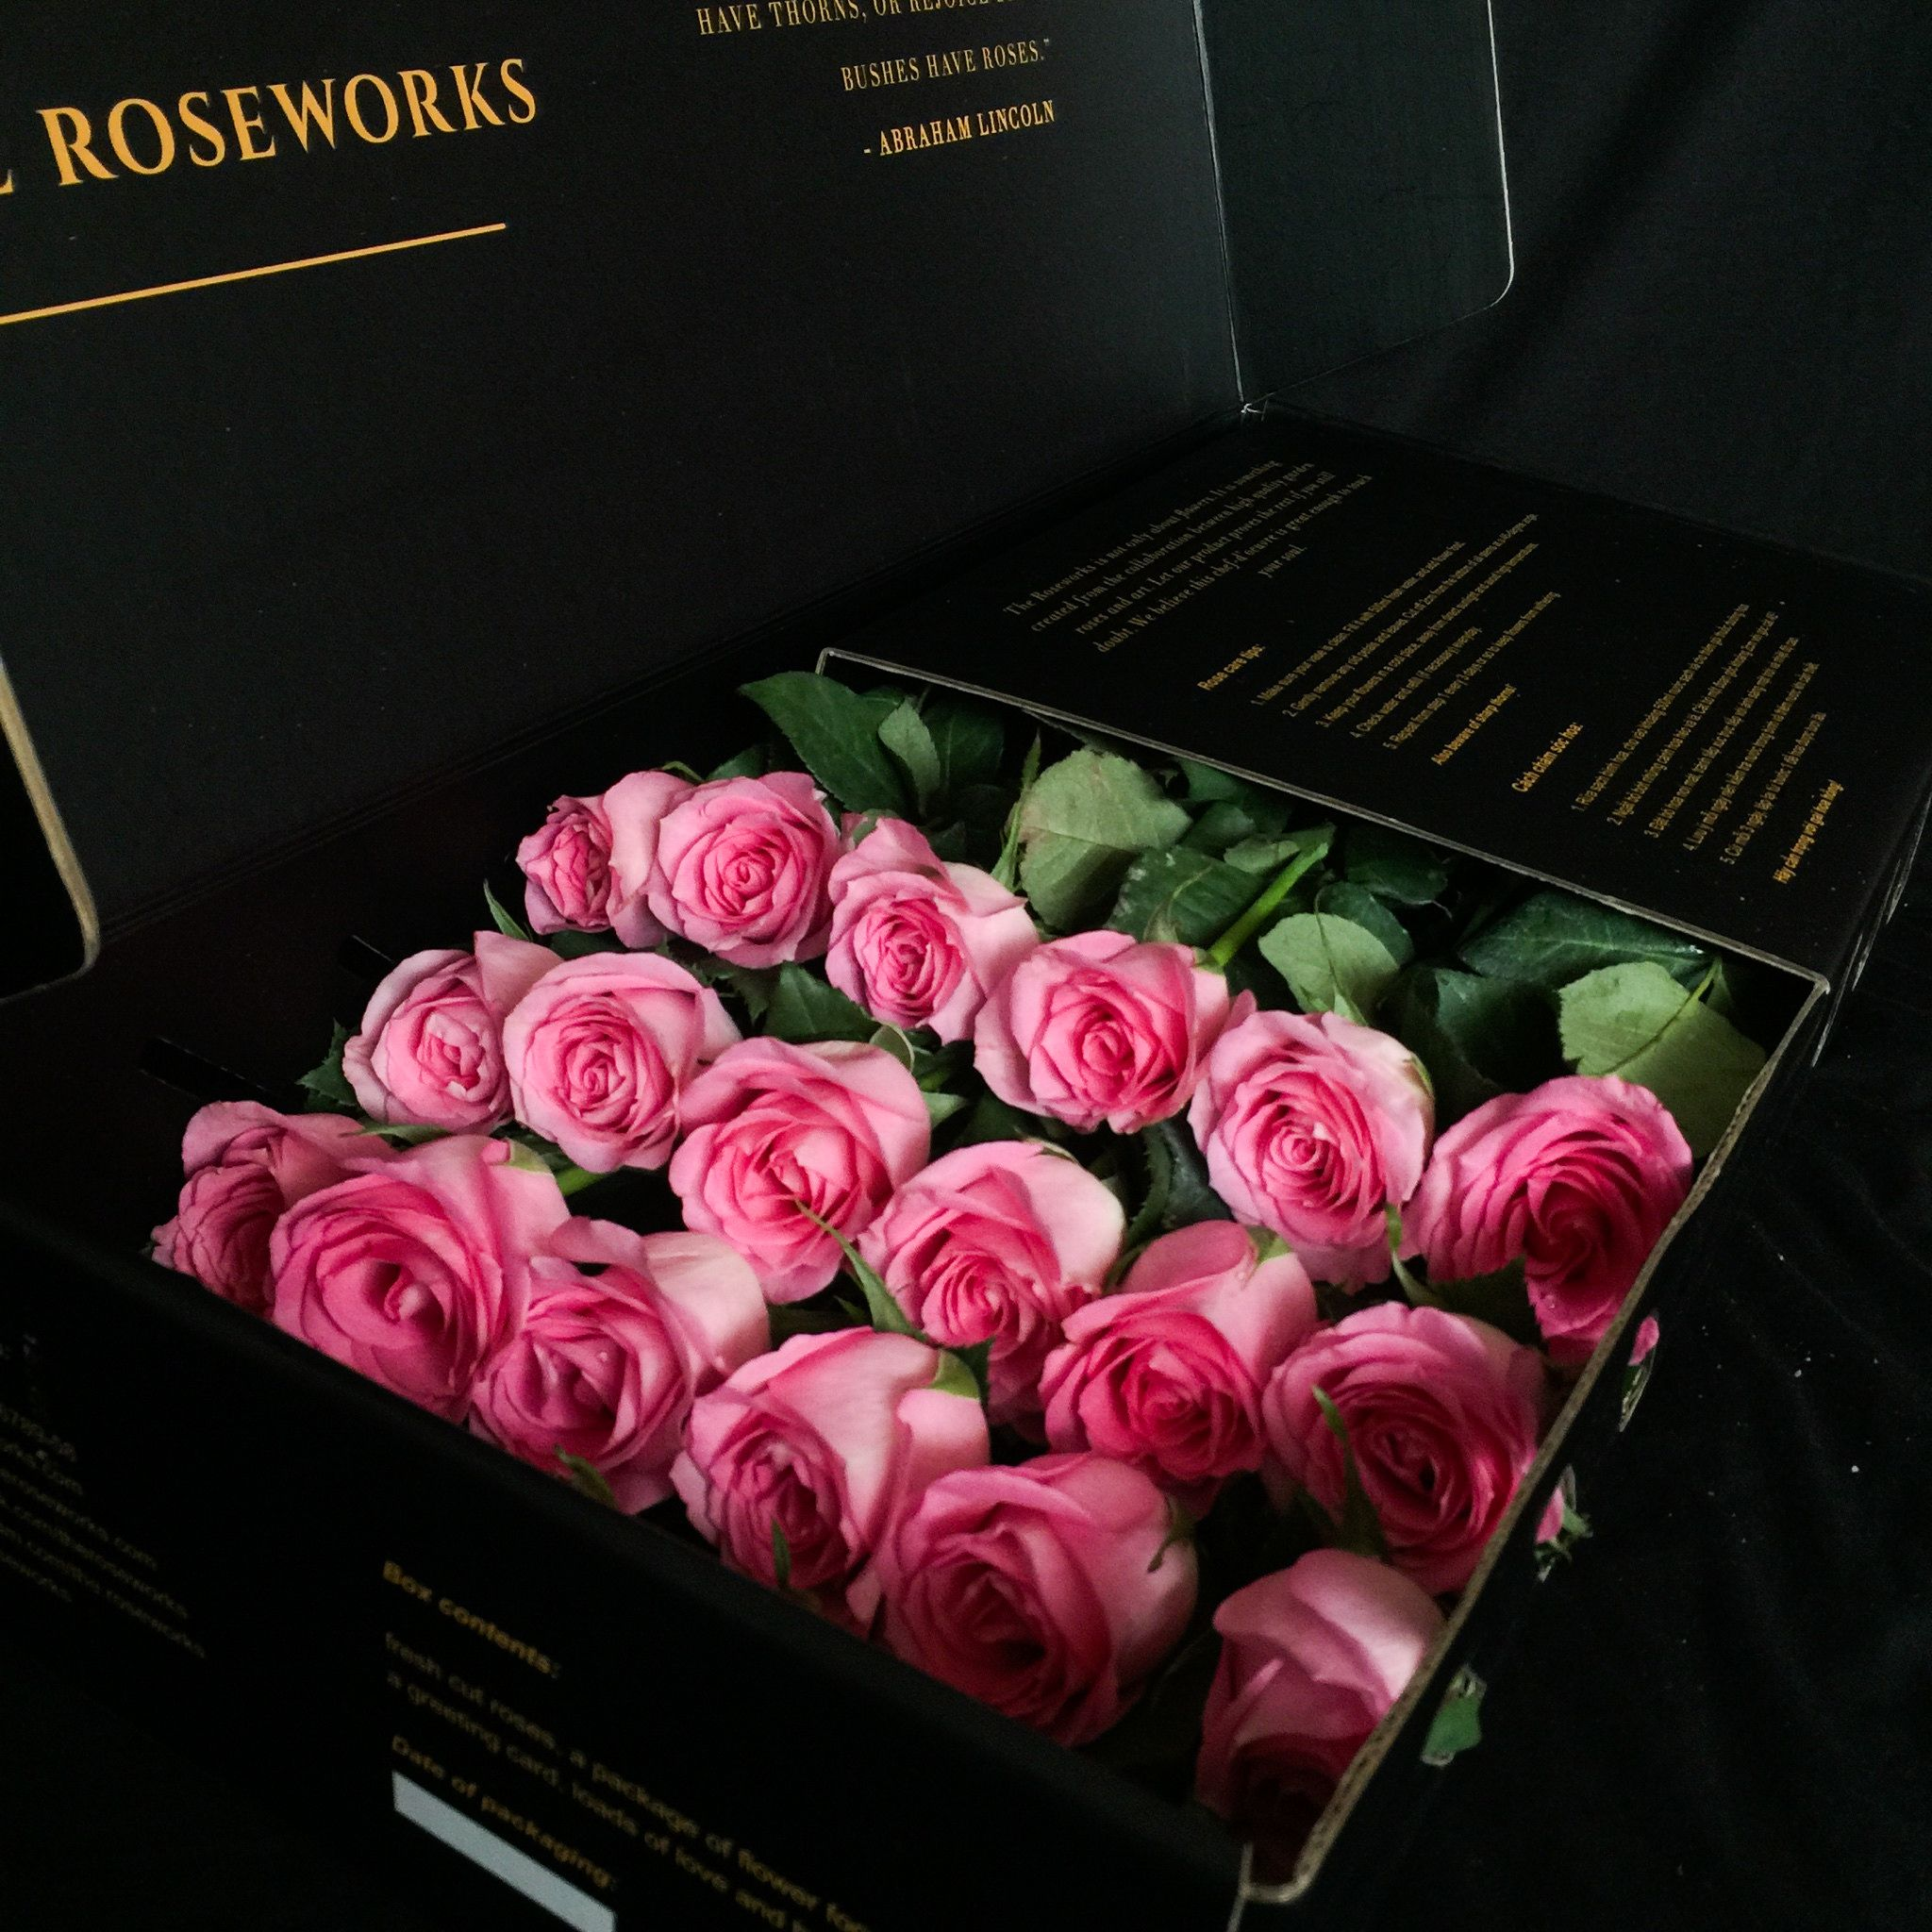 Ghim trên Random things from The Roseworks